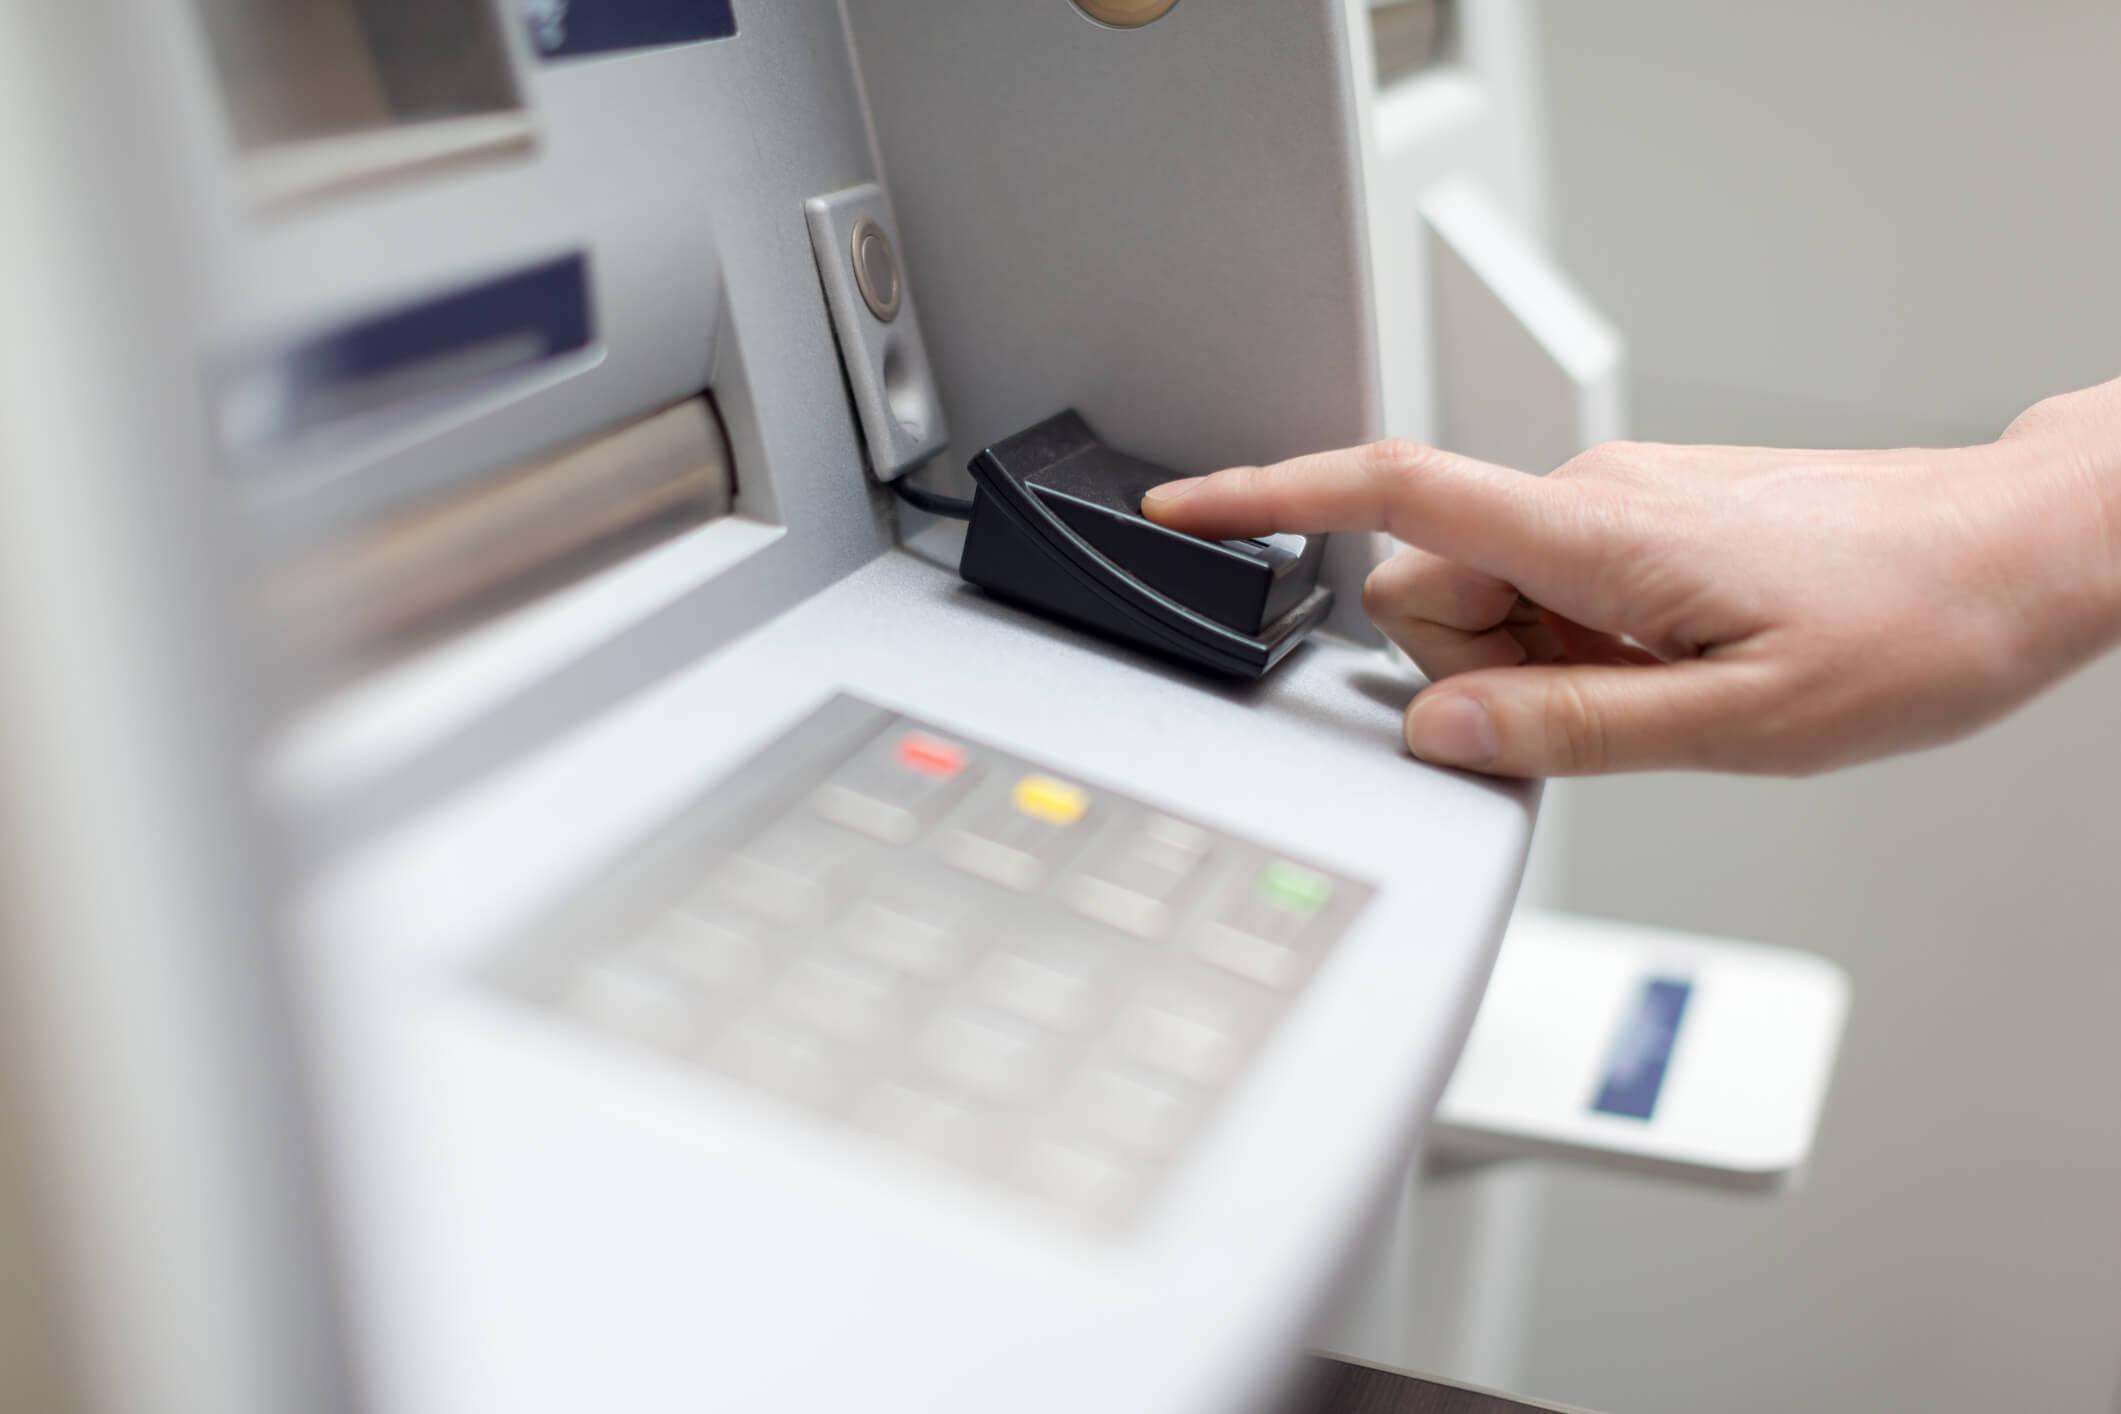 paiement biometrique.jpg